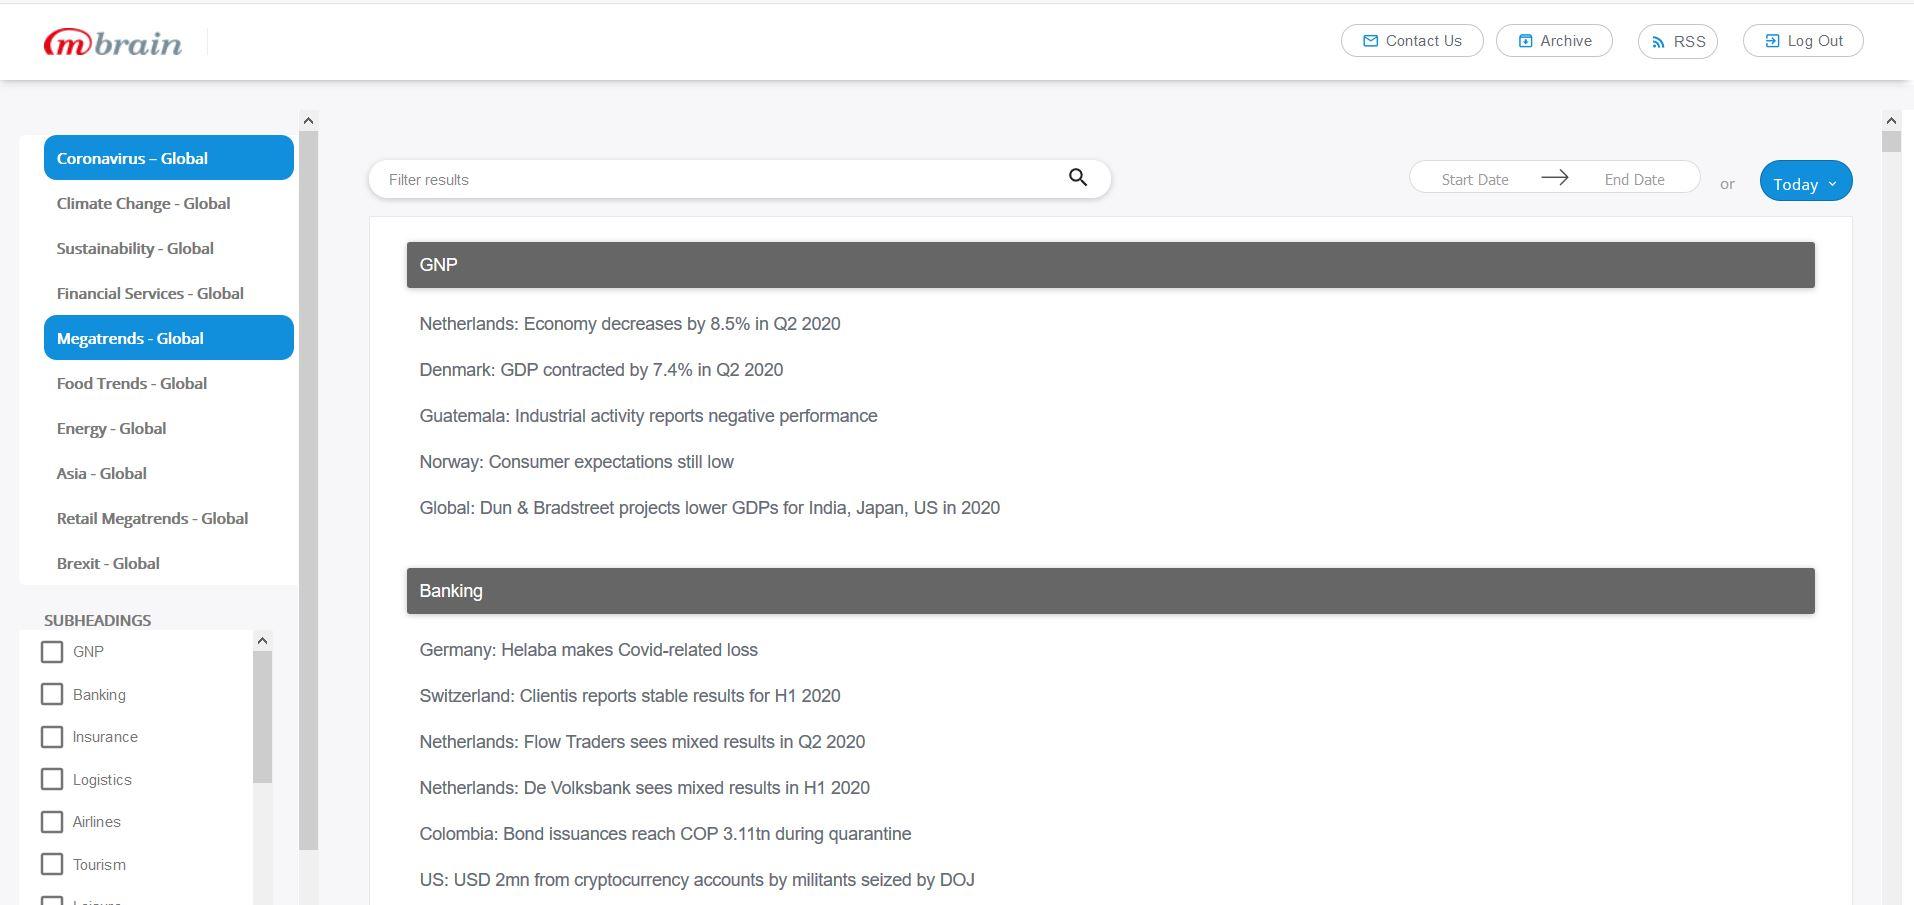 Главная станица информационно-аналитического портала Industry Insights Portal от компании M-Brain